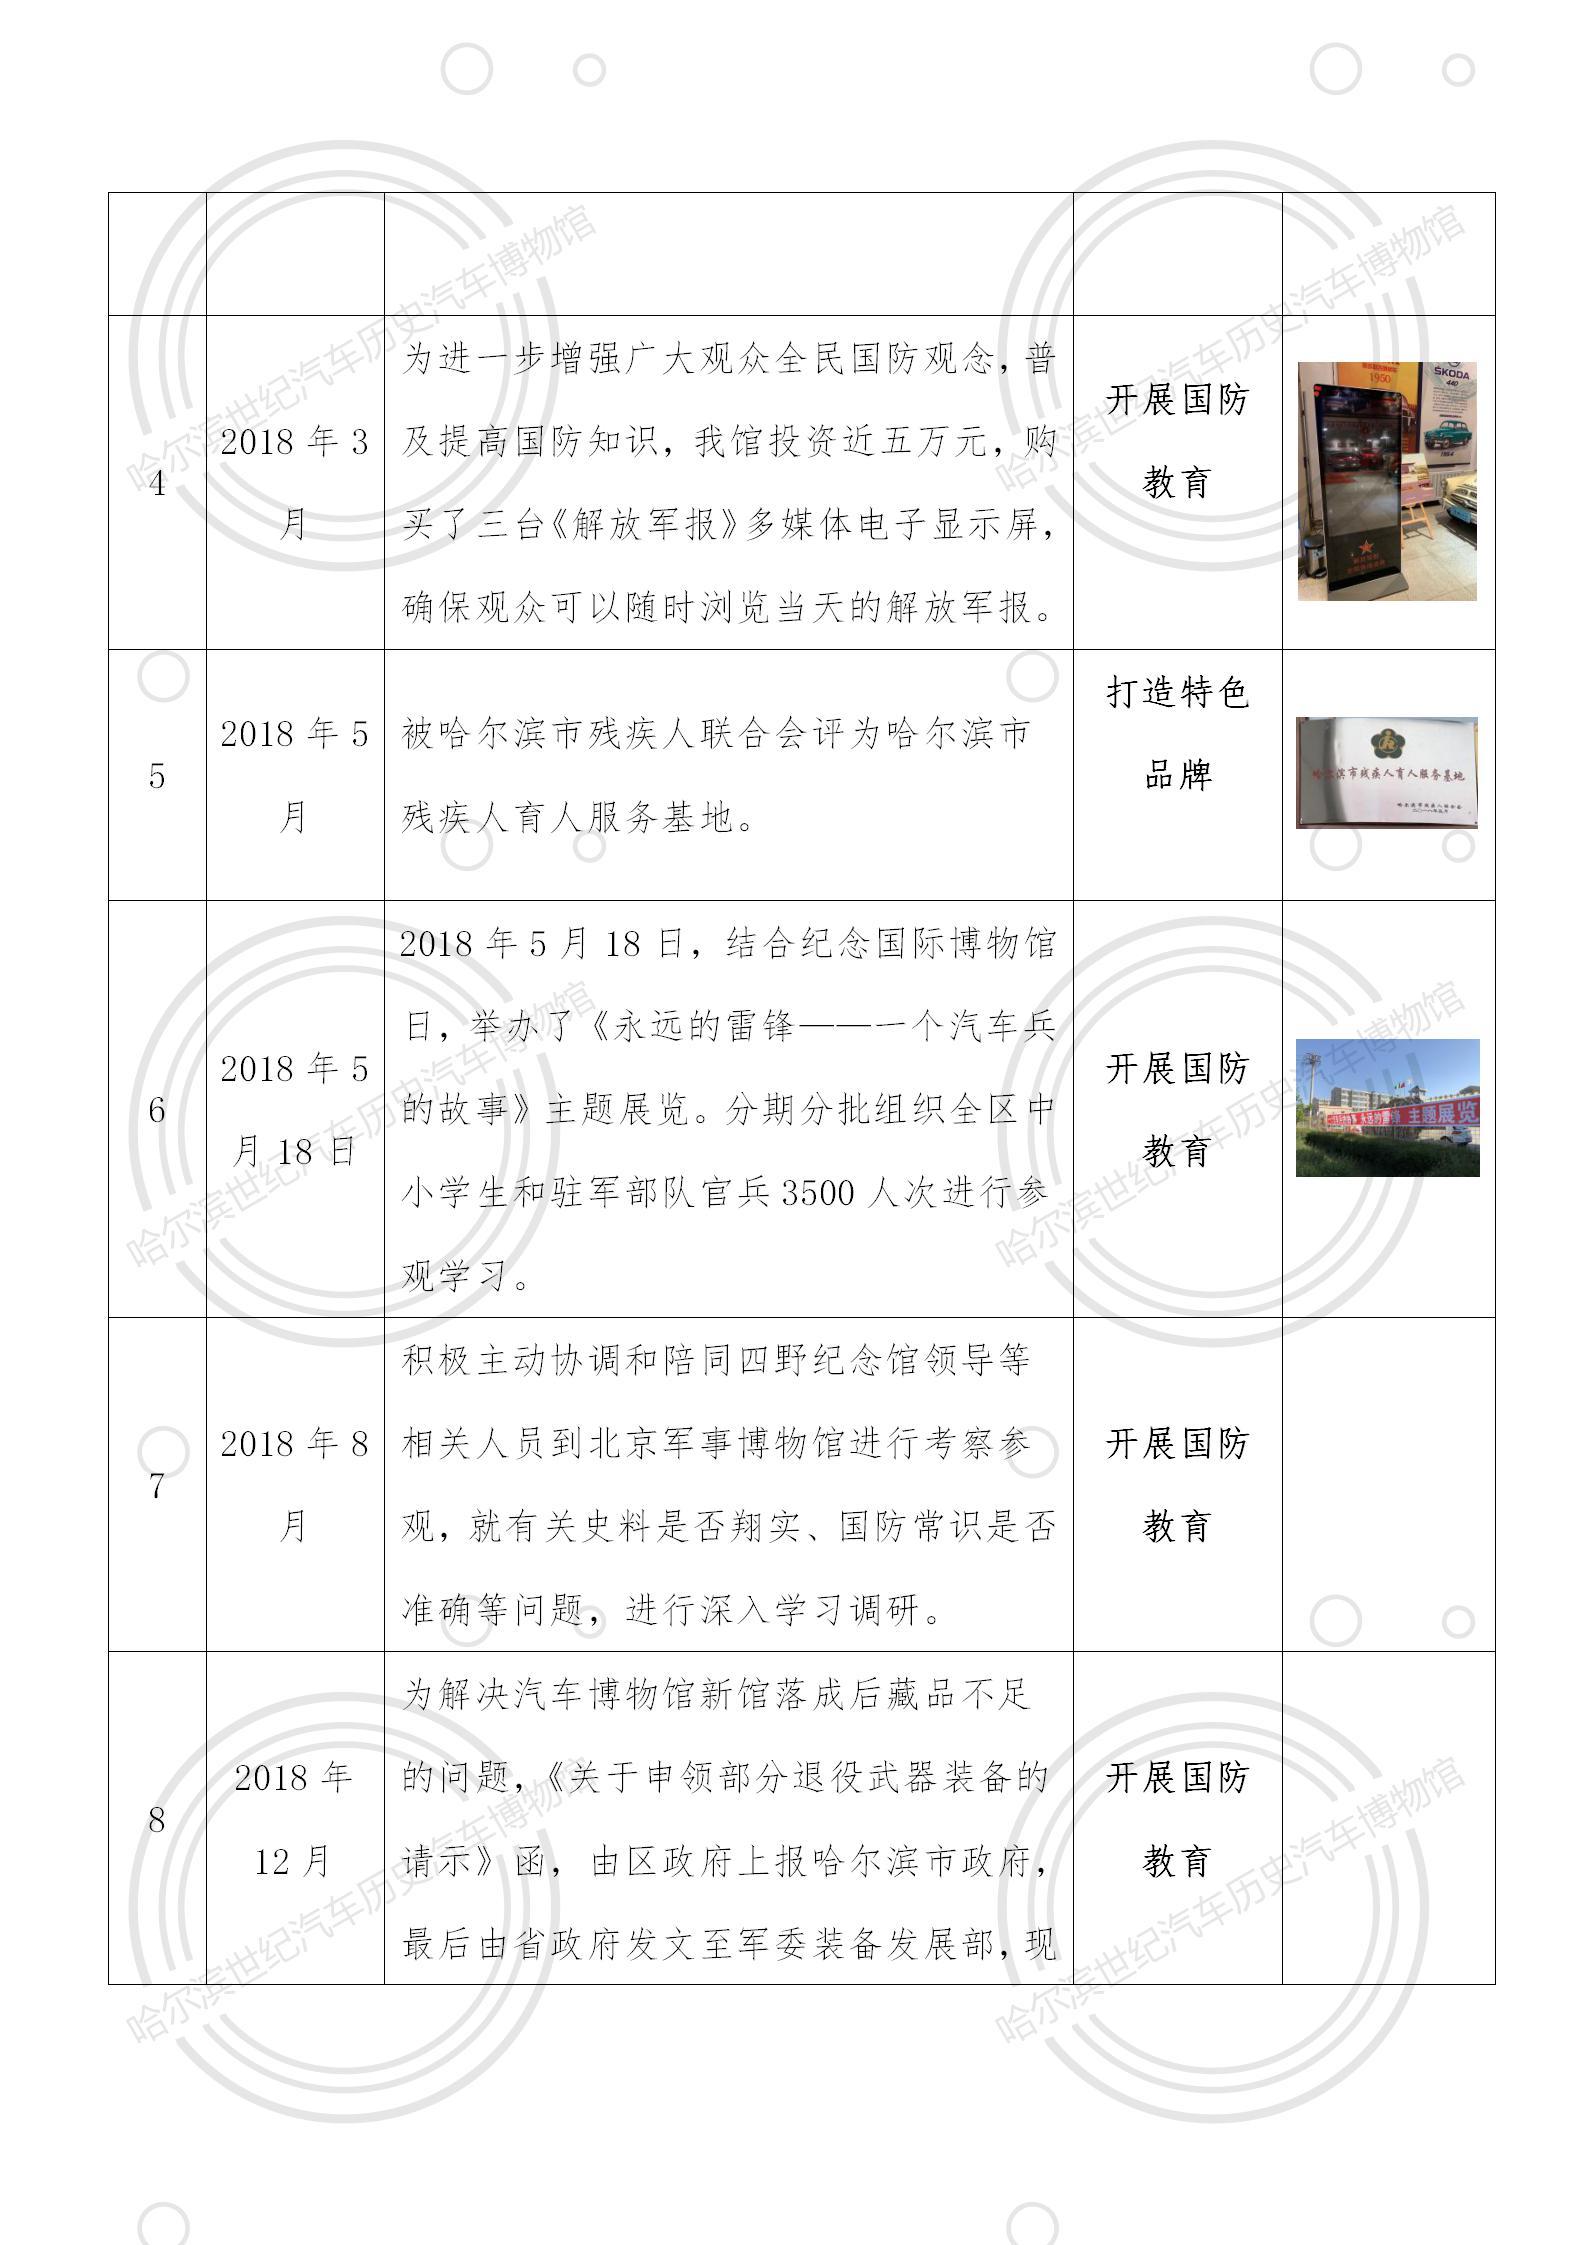 哈尔滨世纪汽车历史博物馆近三年的年度报告_哈尔滨世纪汽车历史博物馆近三年的年度报告哈尔滨世纪汽车历史博物馆始建于2009年,创始人刘波。_中国老车网_2019-12-27 13:38发布